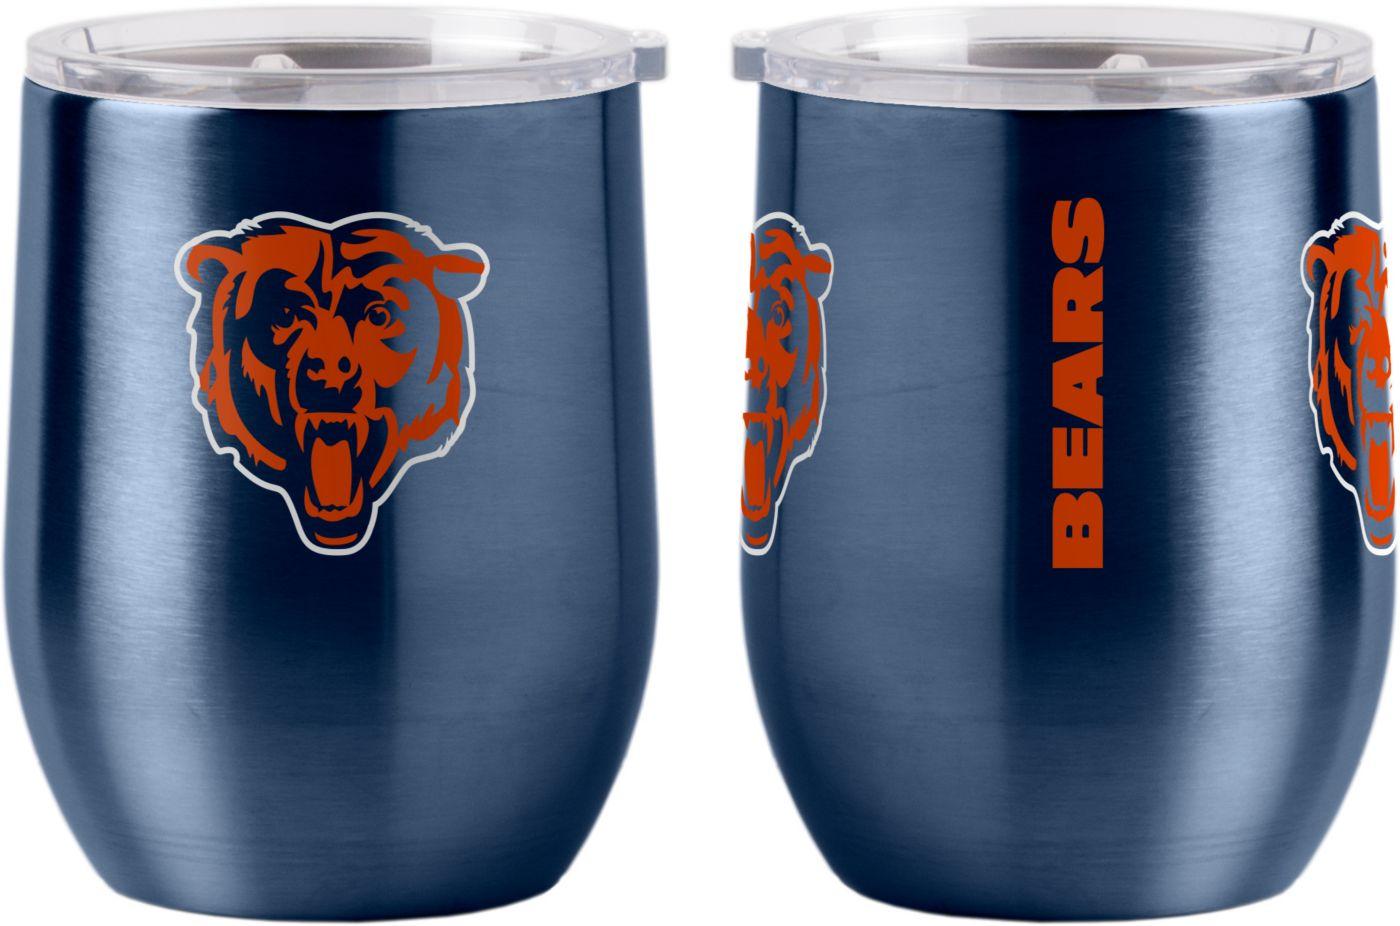 Boelter Chicago Bears Stainless Steel Wine Tumbler